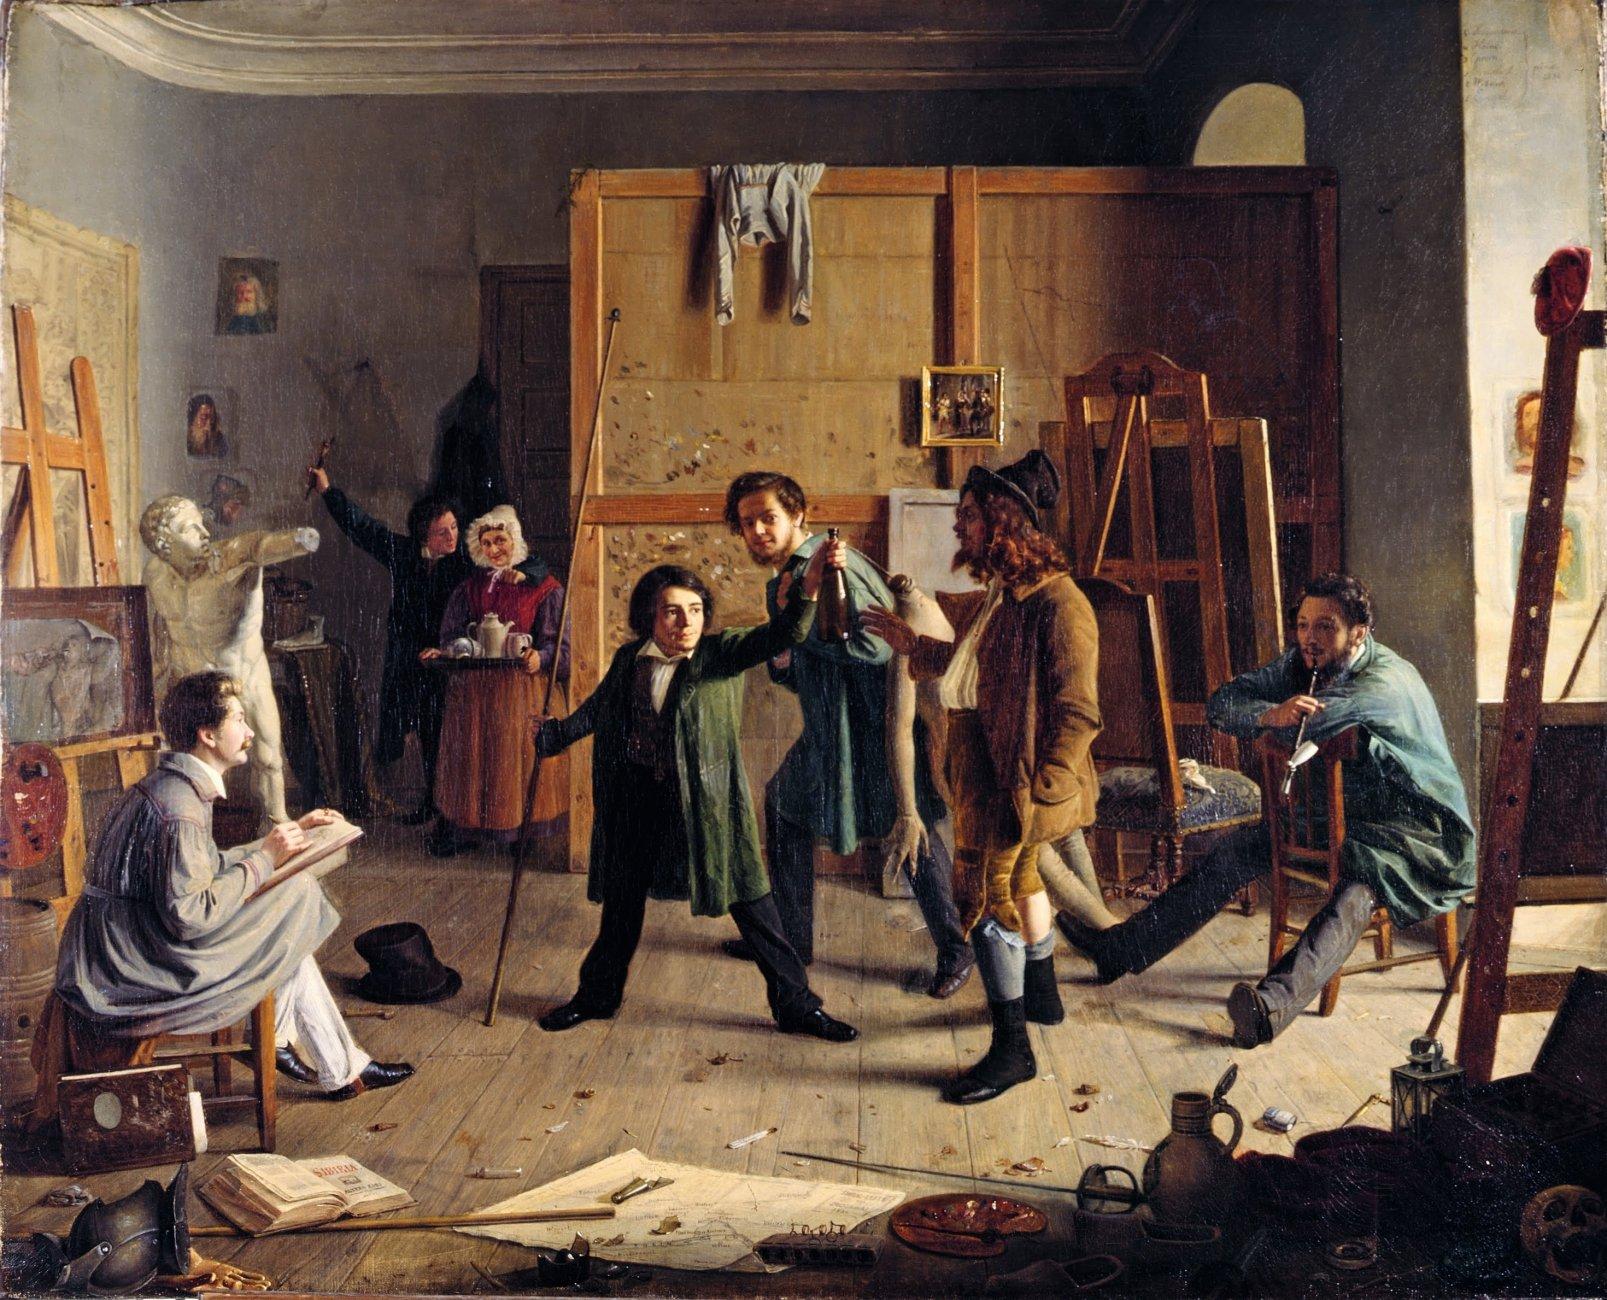 Johann_Peter_Hasenclever,_Atelierszene_1836.jpg